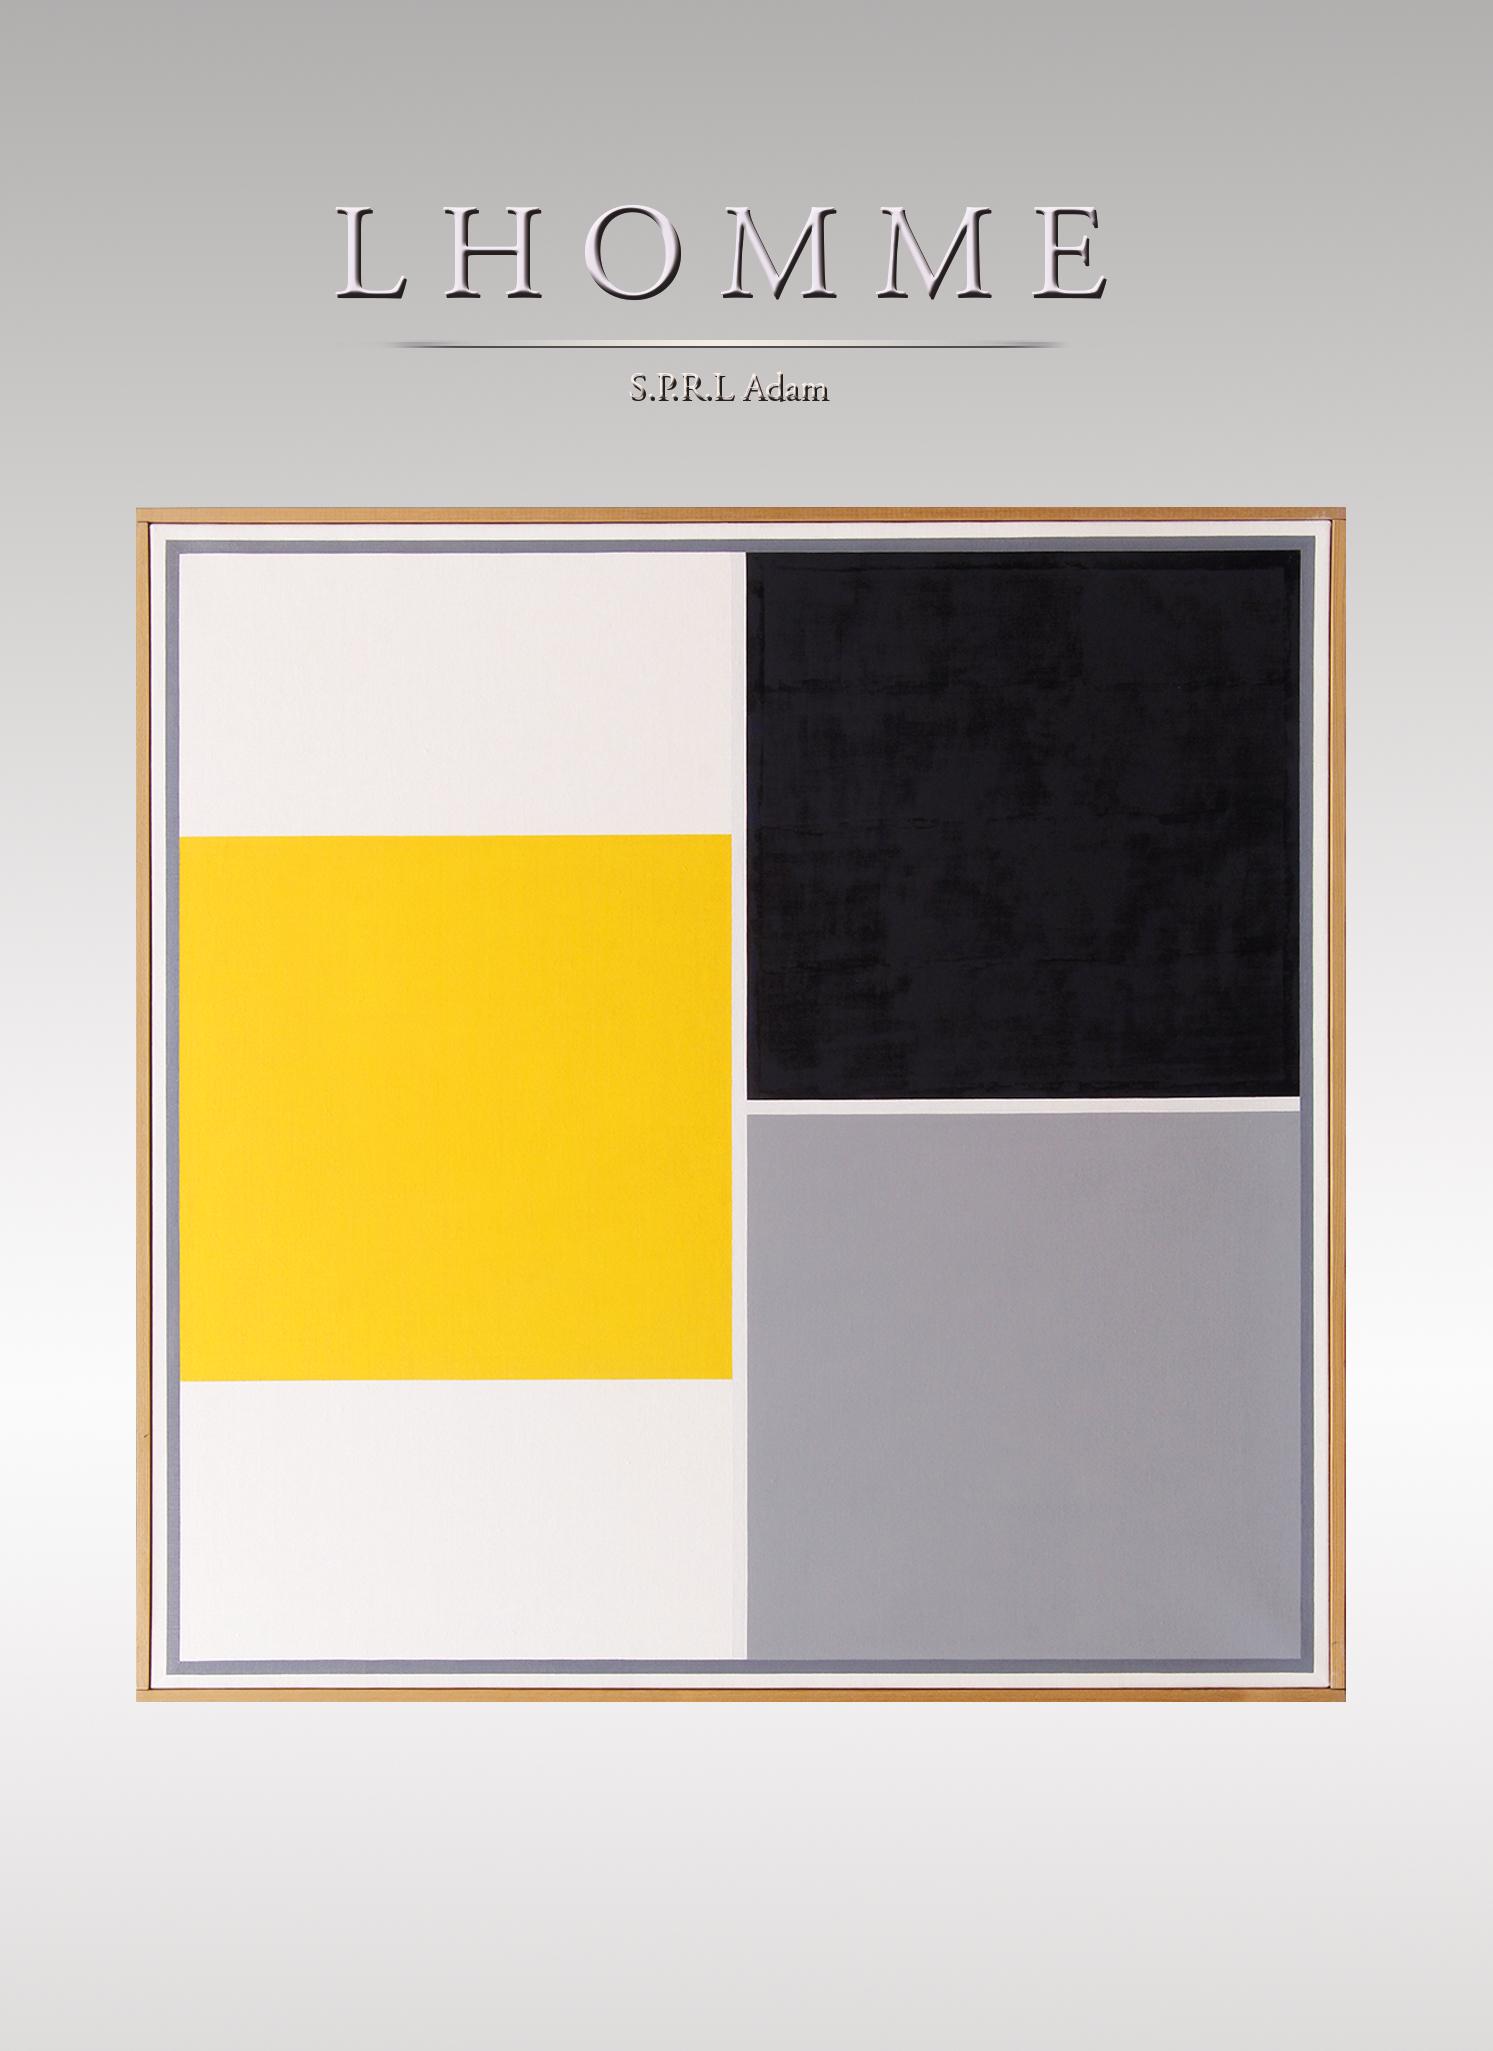 Vente Art Moderne et Contemporain, Livres Rares, Affiches Anciennes, 1er Empire... chez LHOMME : 553 lots